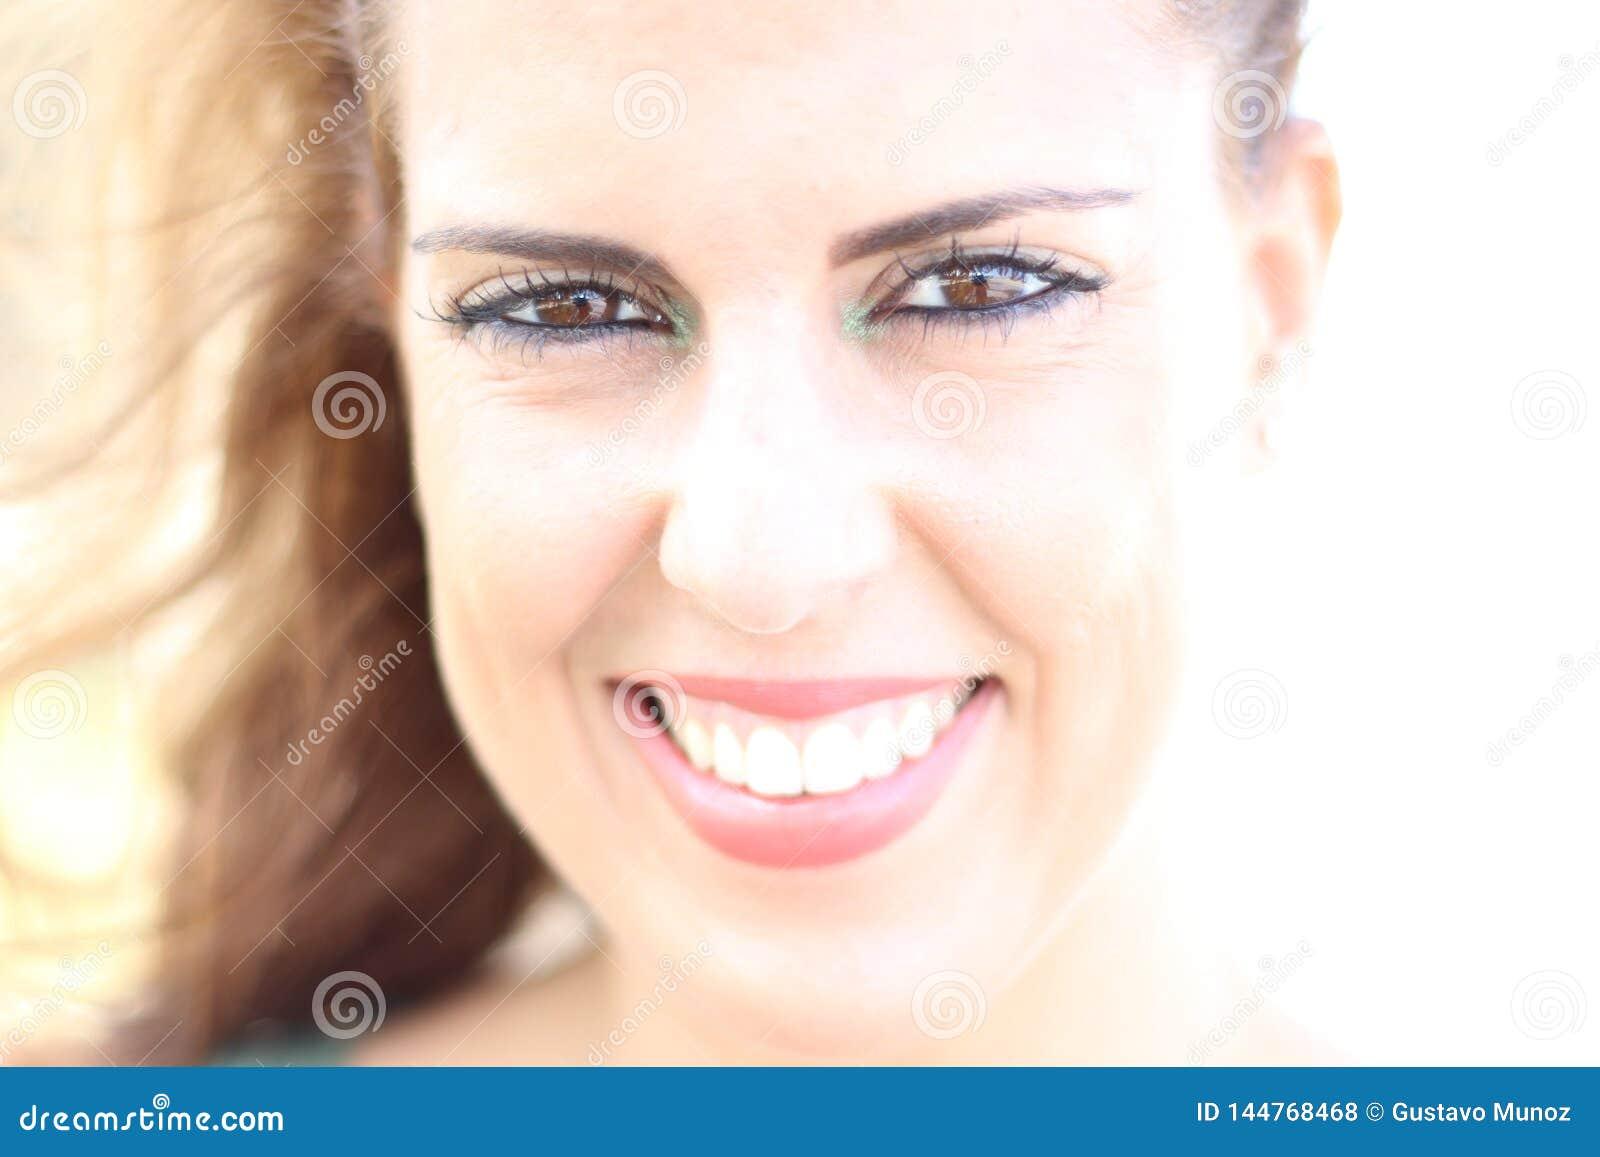 Hohes Schlüsselporträt der brunette jungen Frau, die an einem sonnigen Tag lächelt